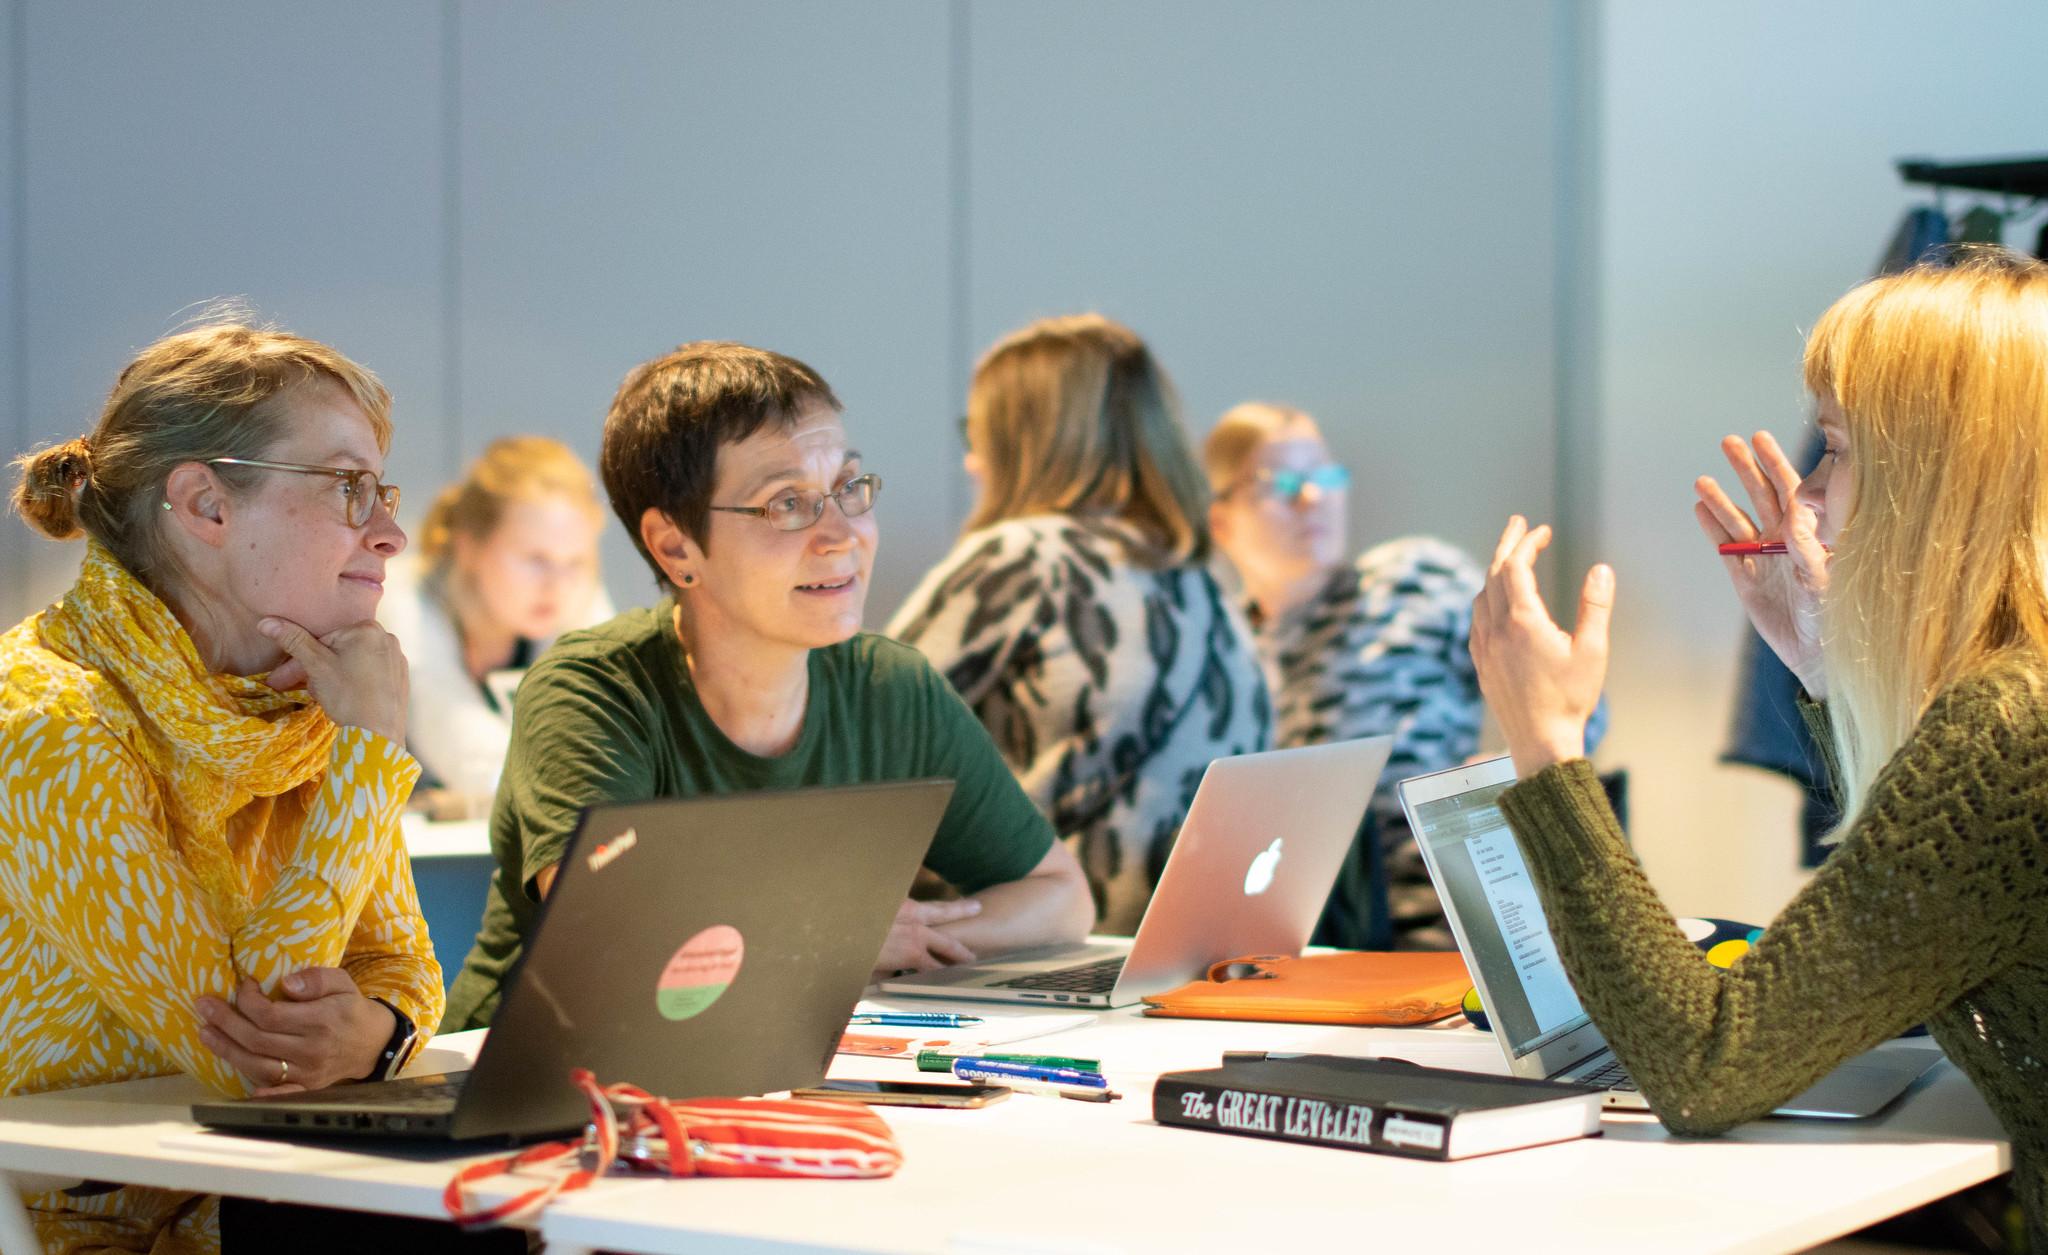 Opettajat keskustelevat koulutustilaisuudessa istuessaan pöydän ympärillä.